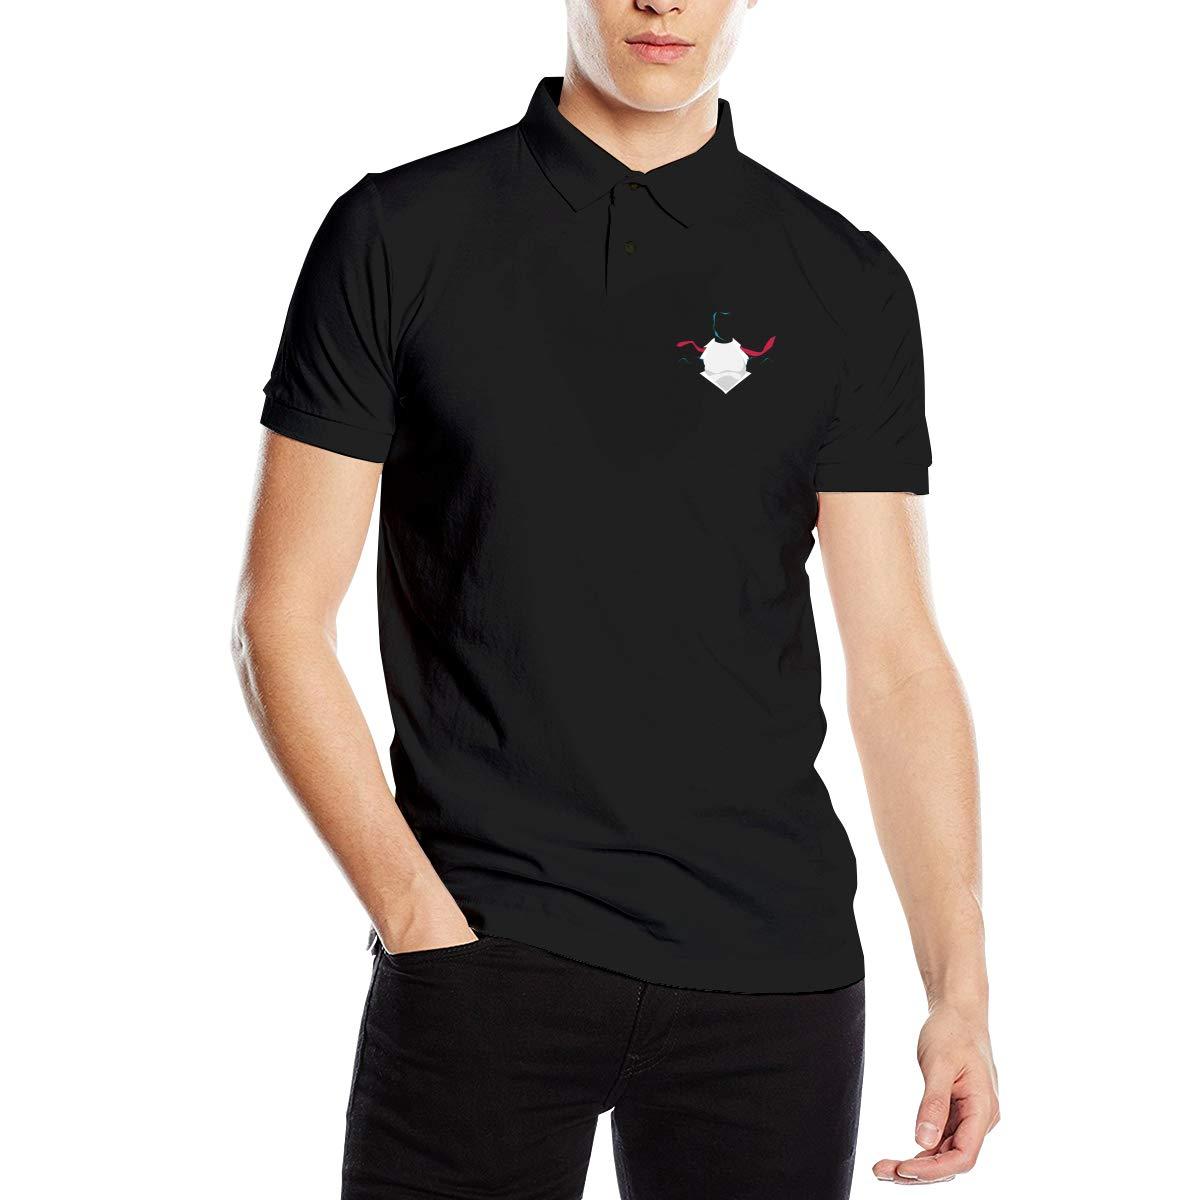 YONG-SHOP Hero Mens Regular-Fit Cotton Polo Shirt